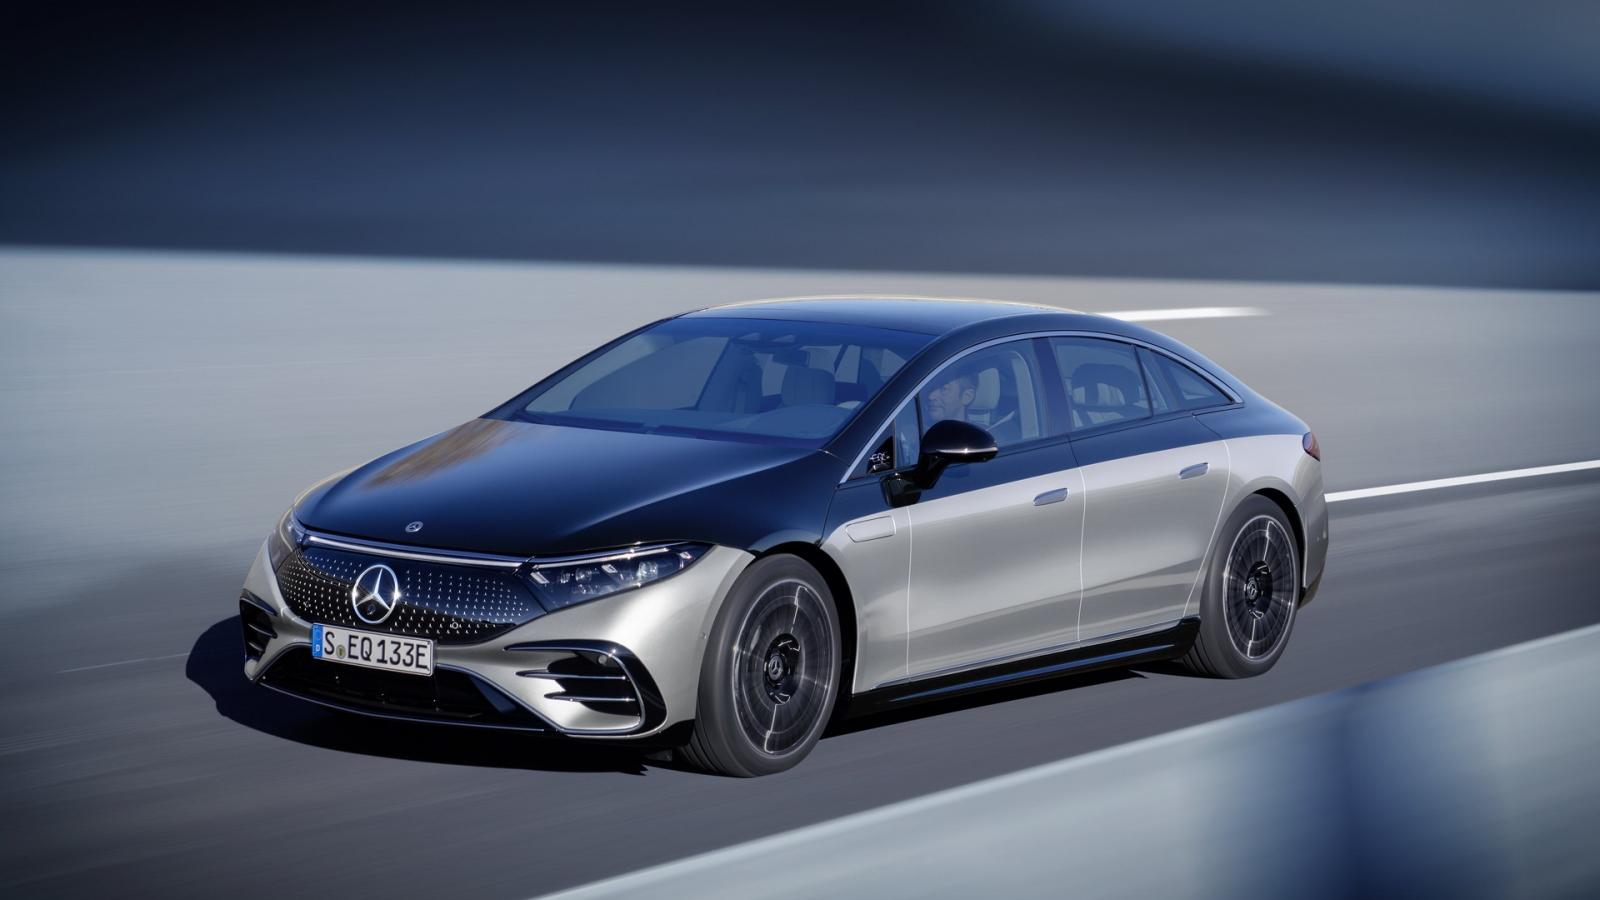 Mercedes-Benz EQS Luxury EV chạy điện hoàn toàn được trang bị những công nghệ gì?